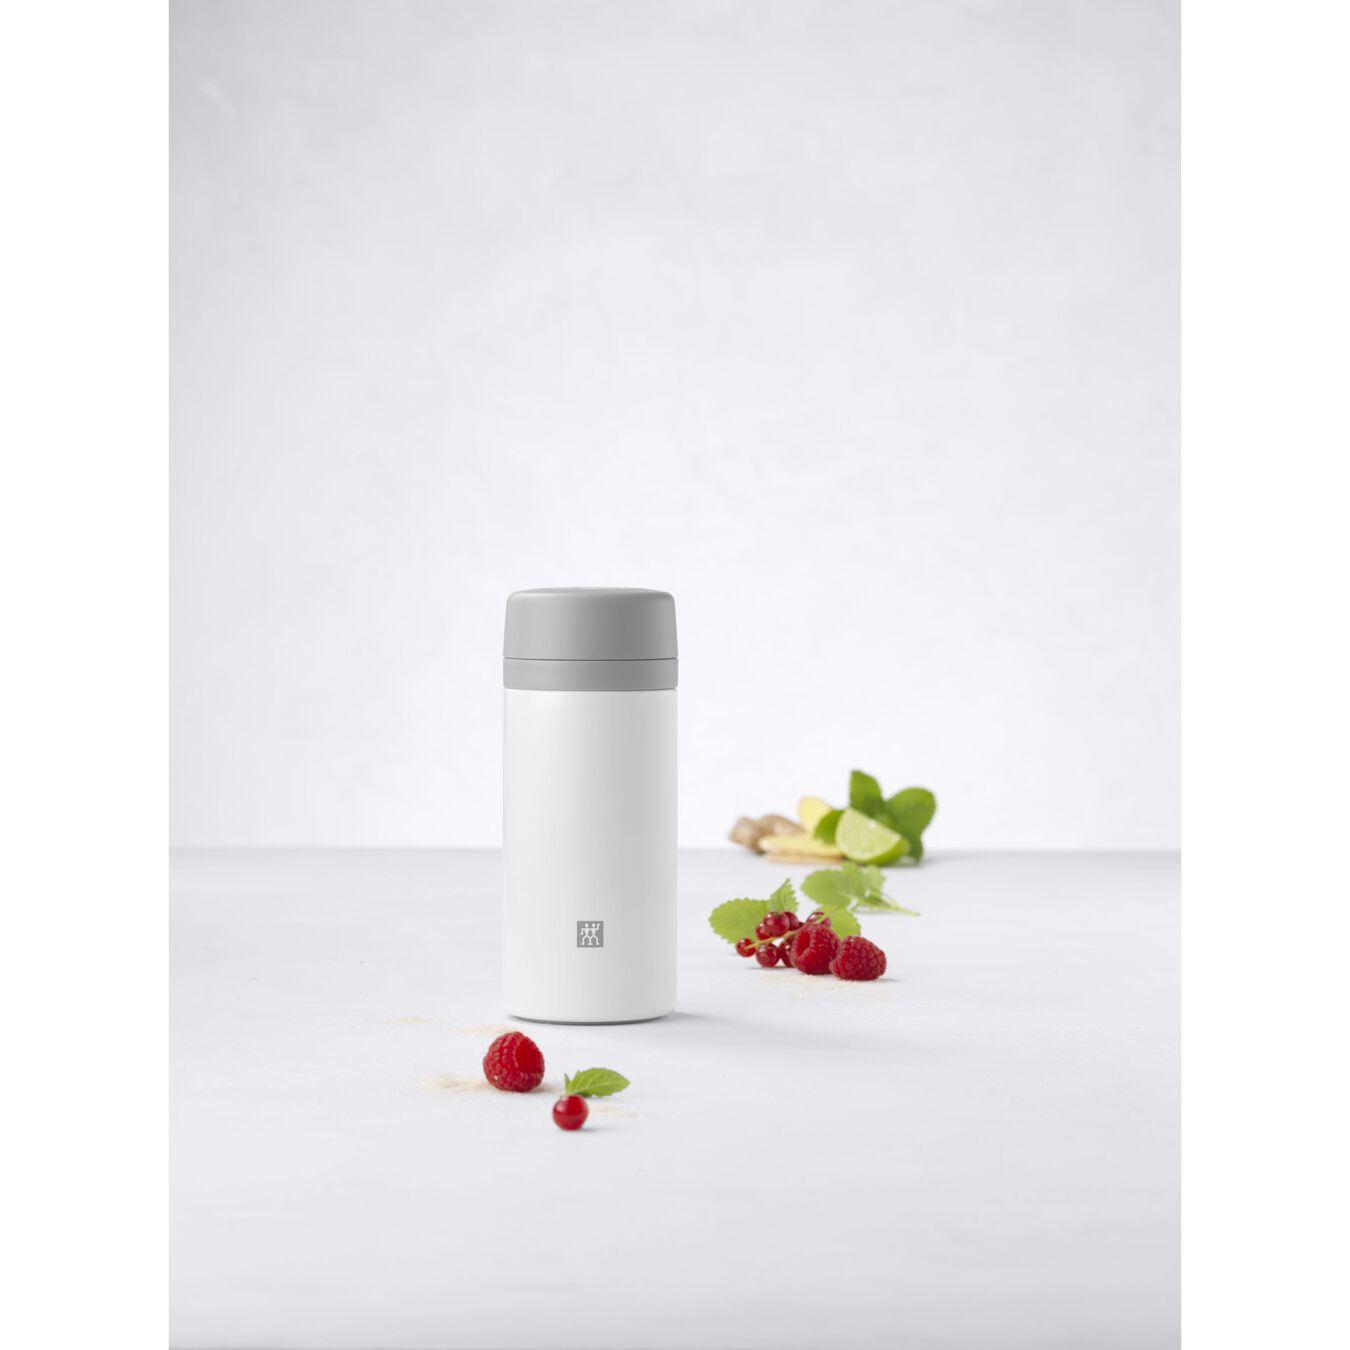 14.2 oz TEA & FRUIT INFUSER BOTTLE,,large 6